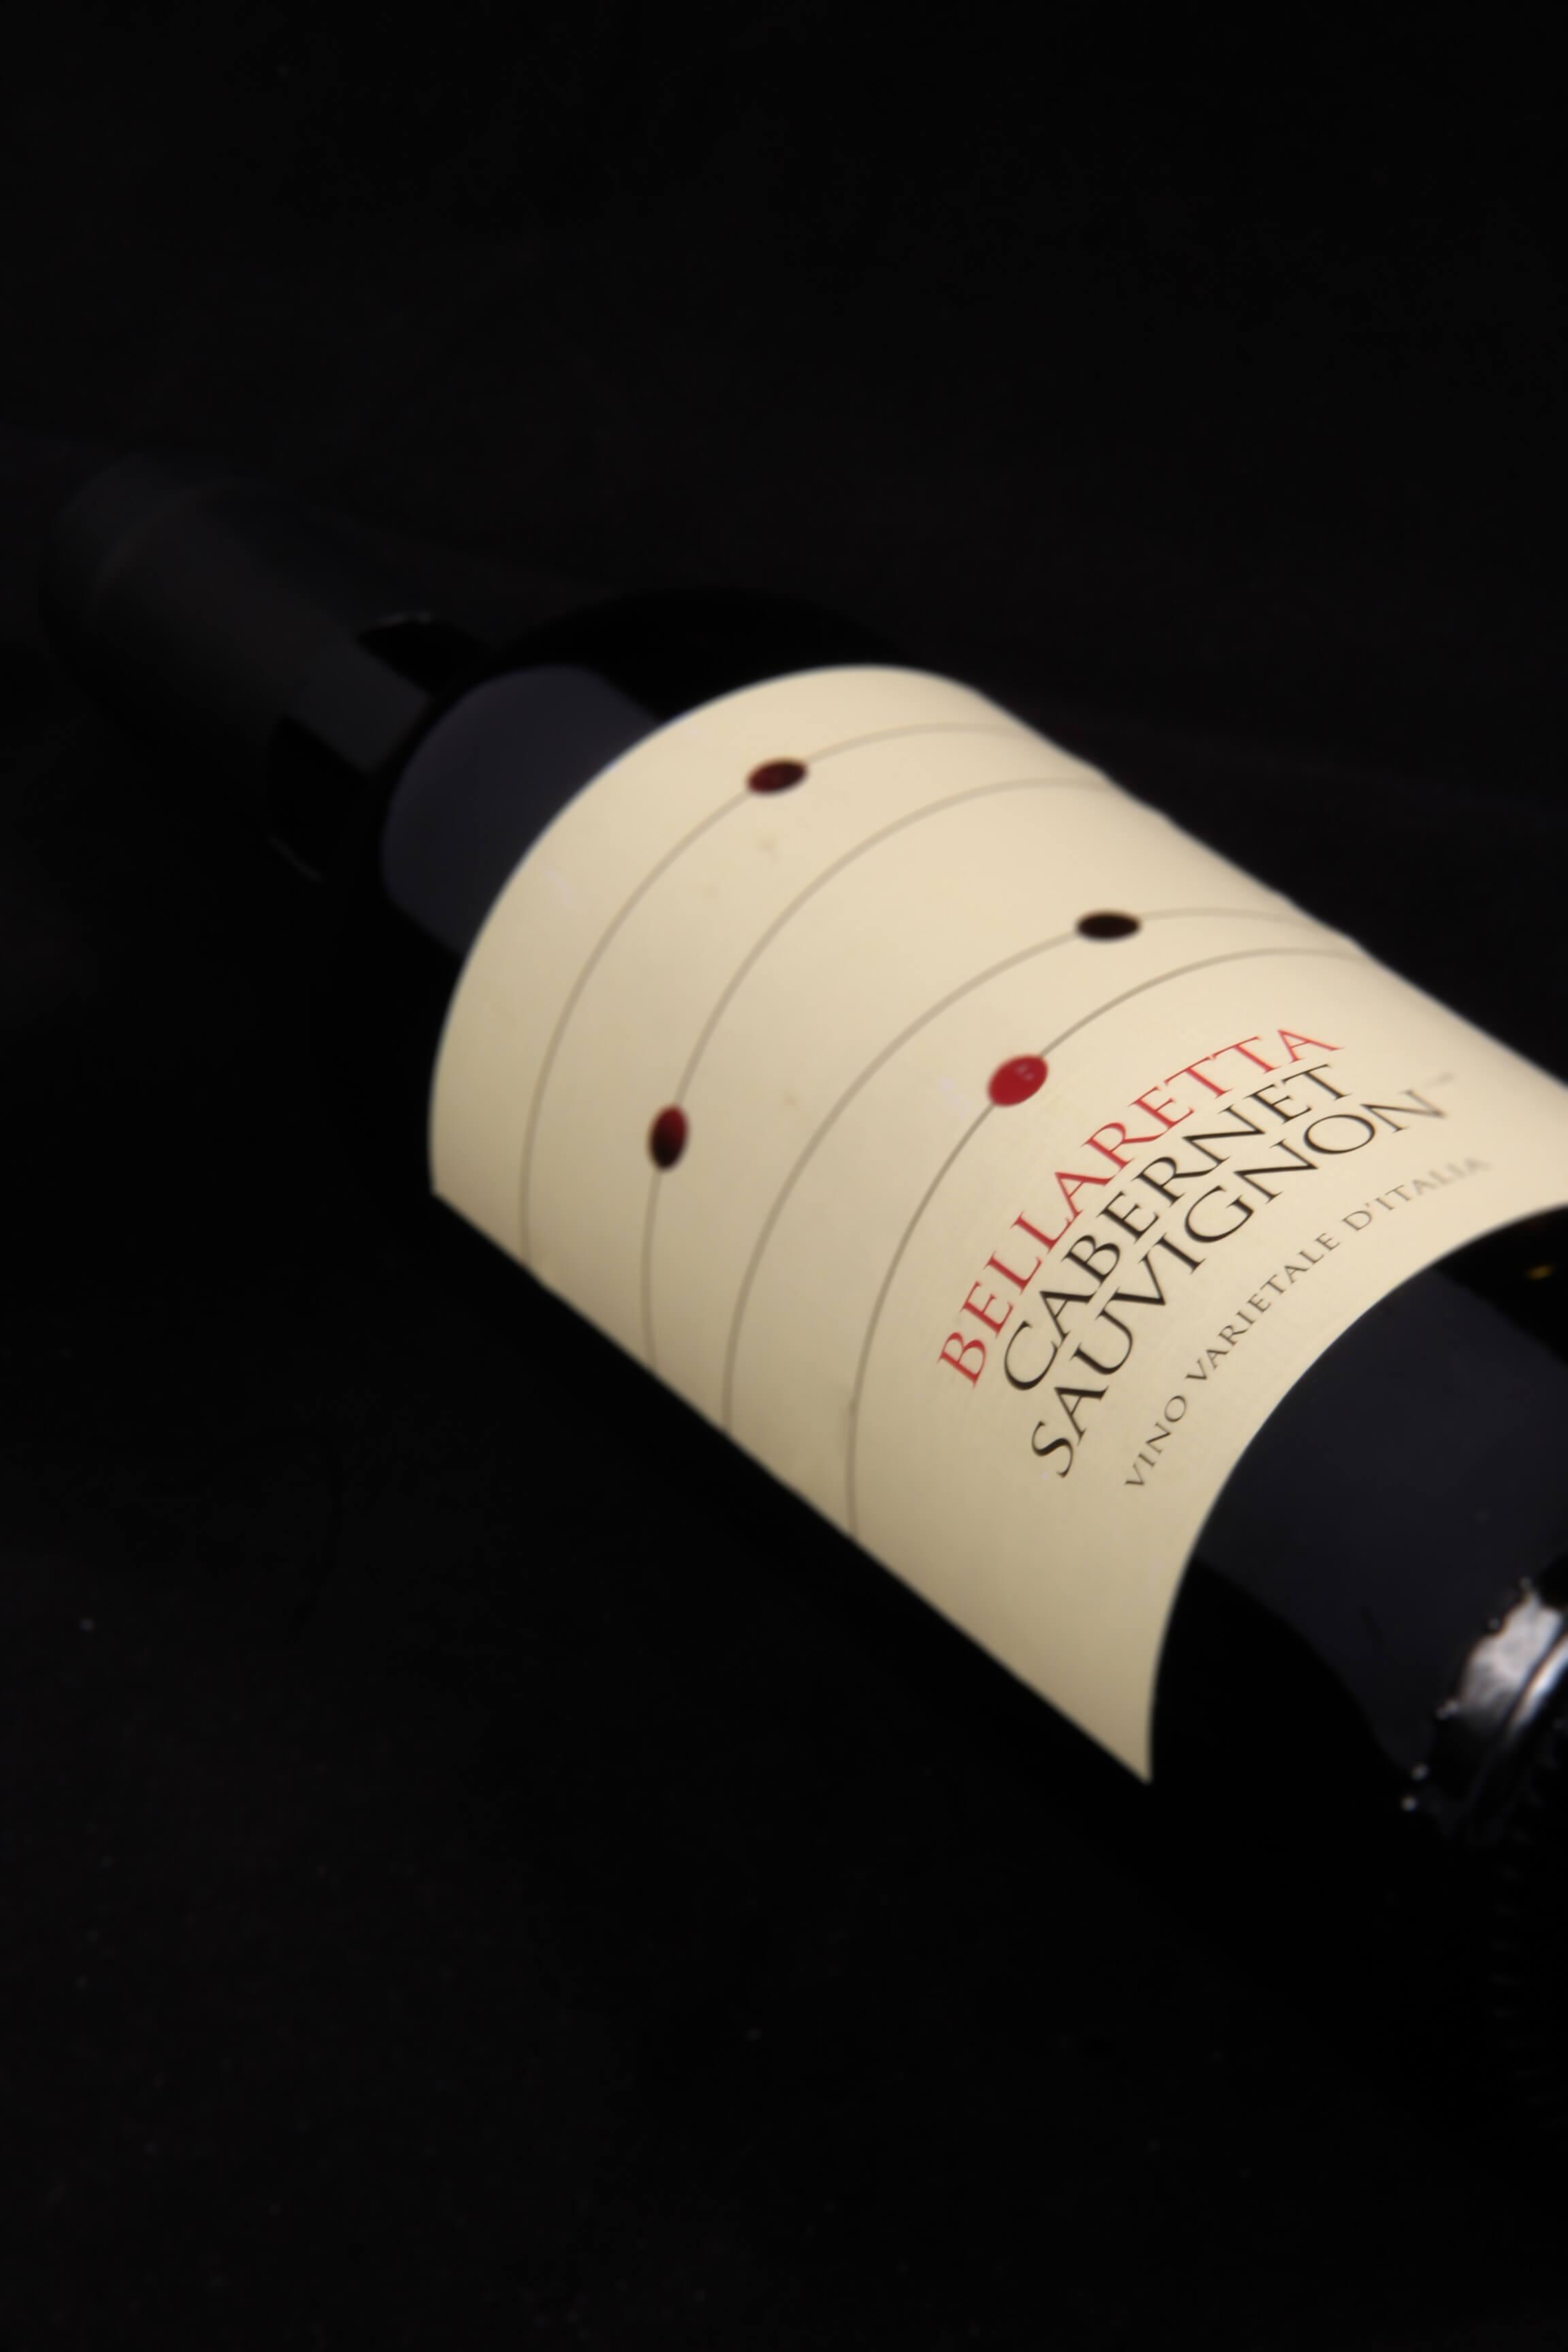 vino_nostrum-importadora_de_vinos_y_alimentos_ok45